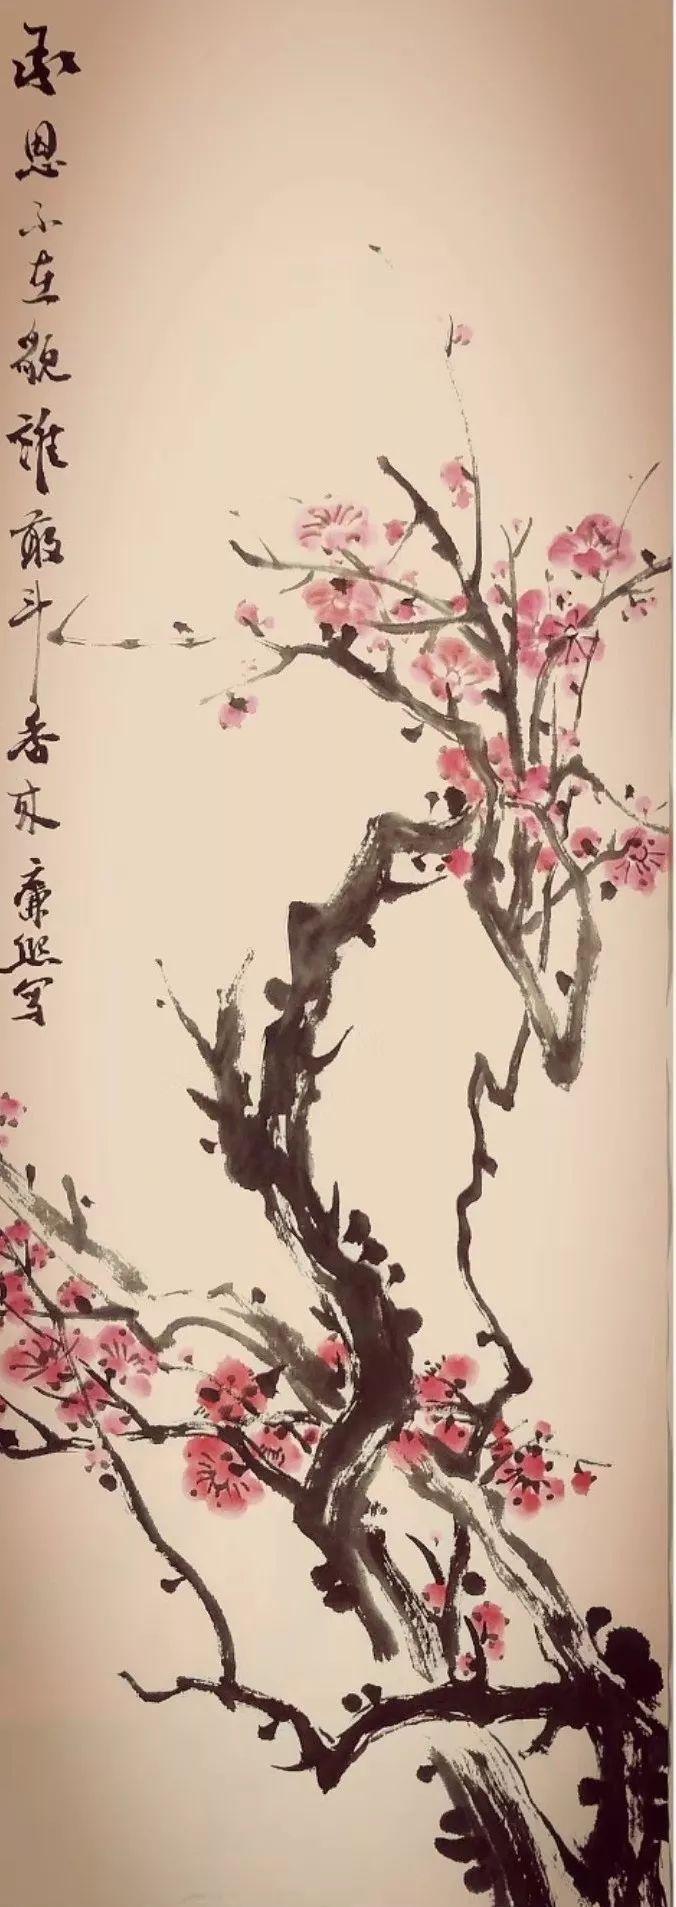 警法 正文  ▲发布人:赵廉熙  名称:近作 《江南收藏》为原创手机微图片